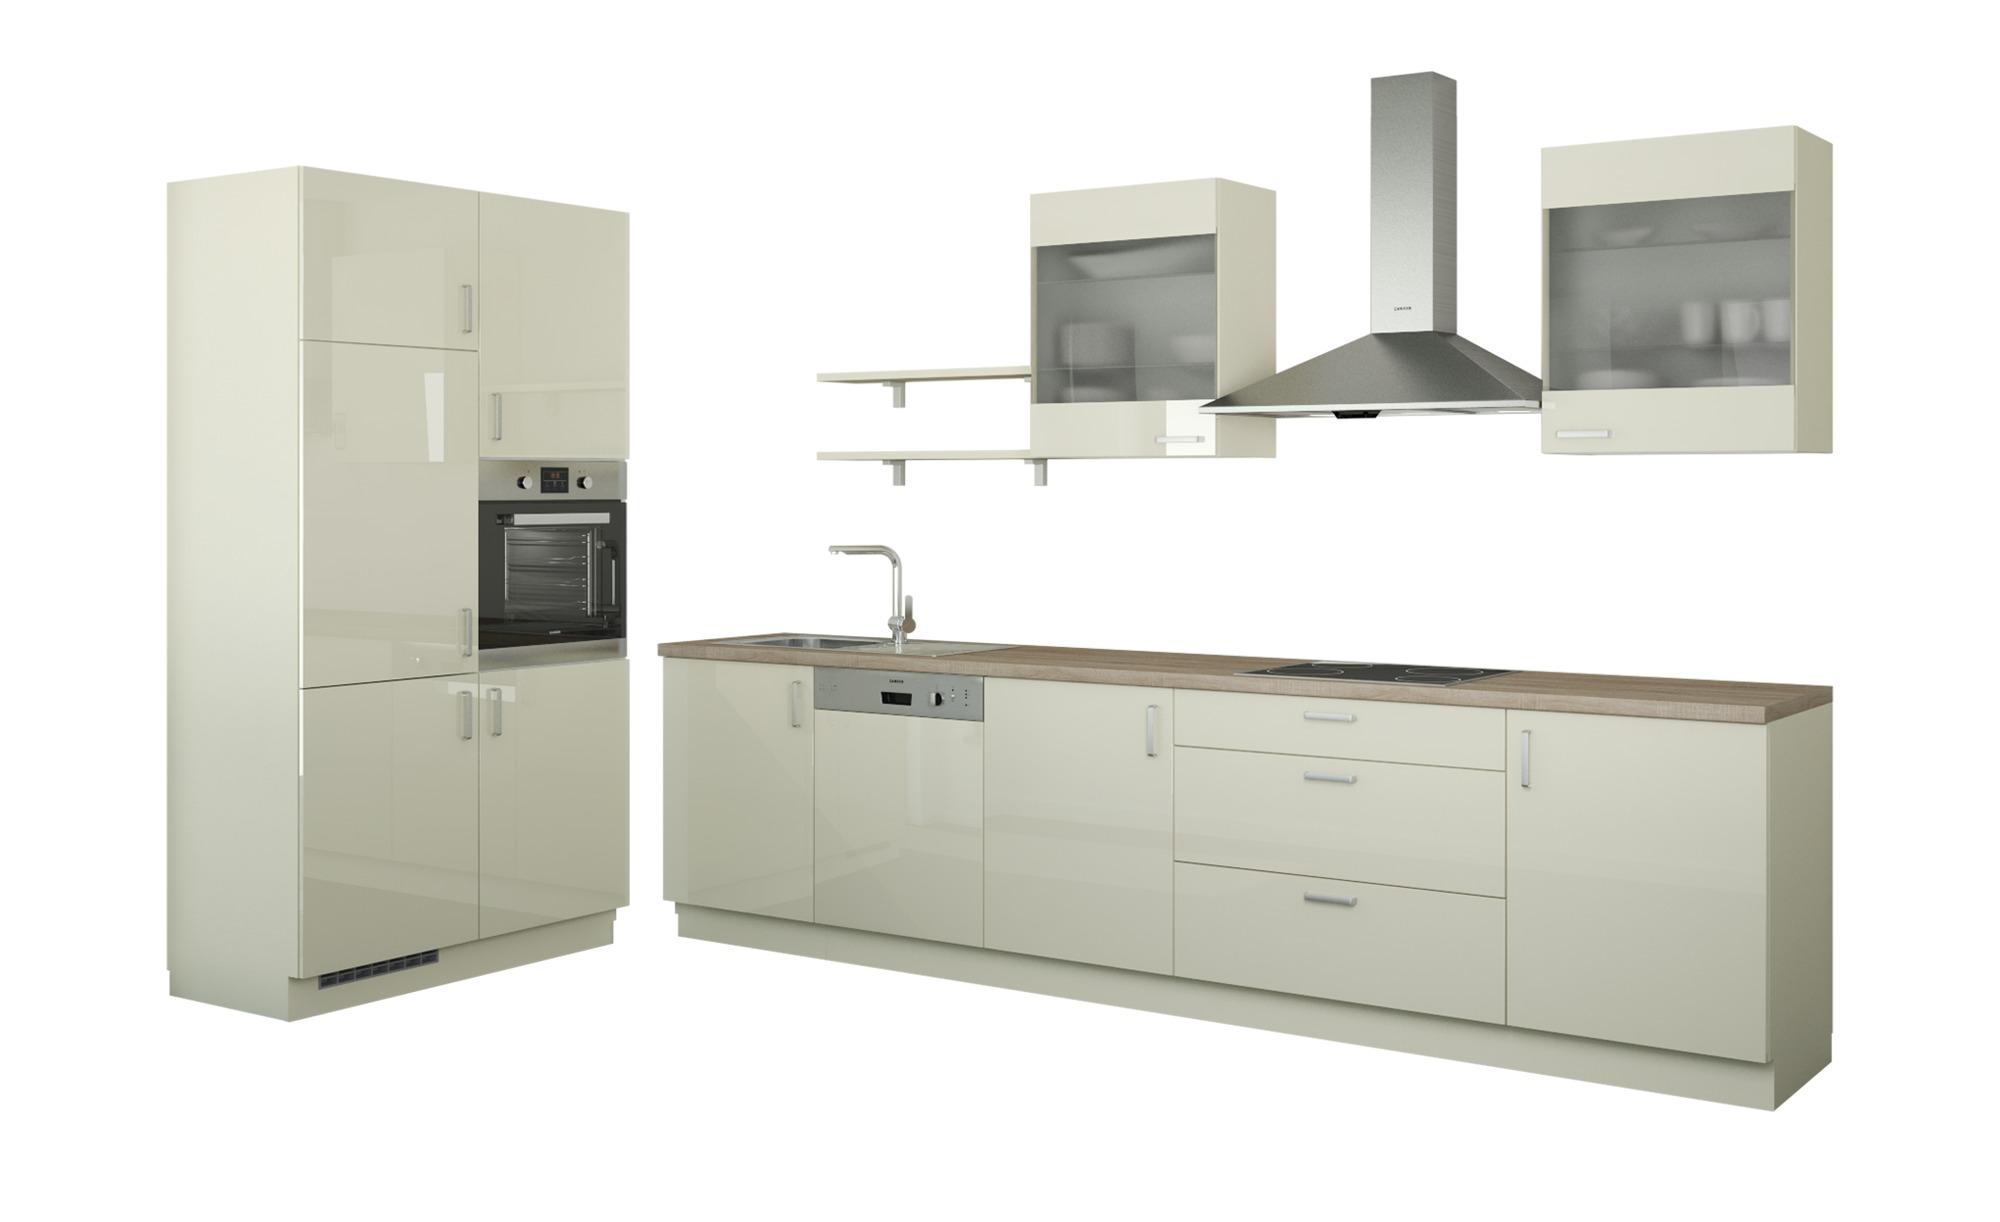 Küchenzeile ohne Elektrogeräte Frankfurt, gefunden bei Möbel Höffner